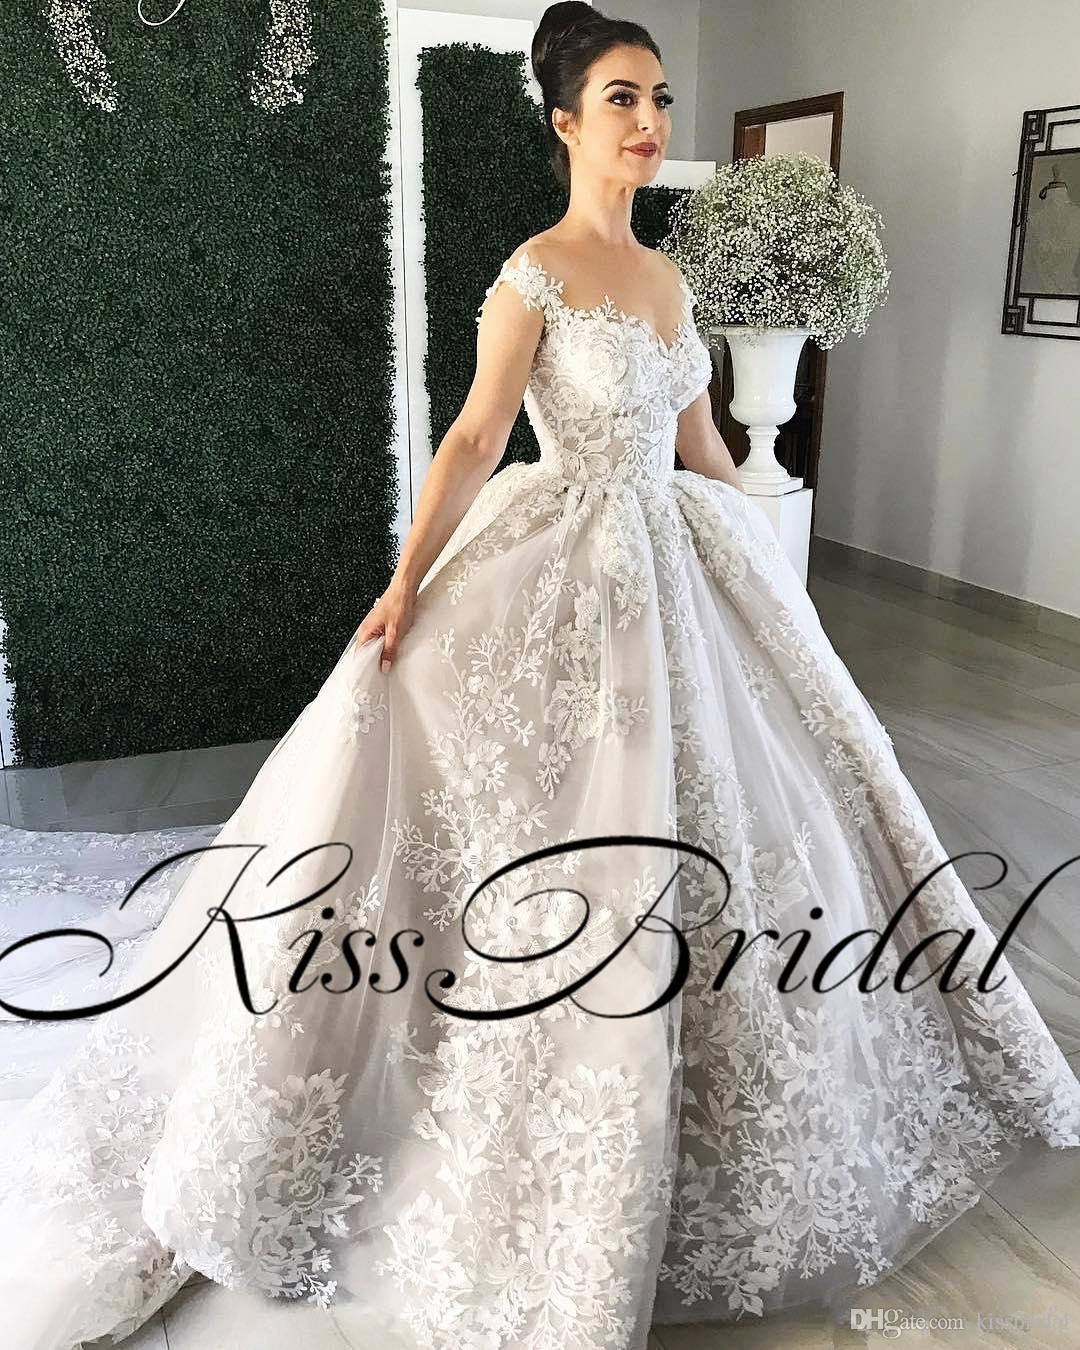 Бальное платье пышное часовня поезд кружево аппликация свадебные платья с закрытыми пуговицами свадебные платья роскошные арабские платья